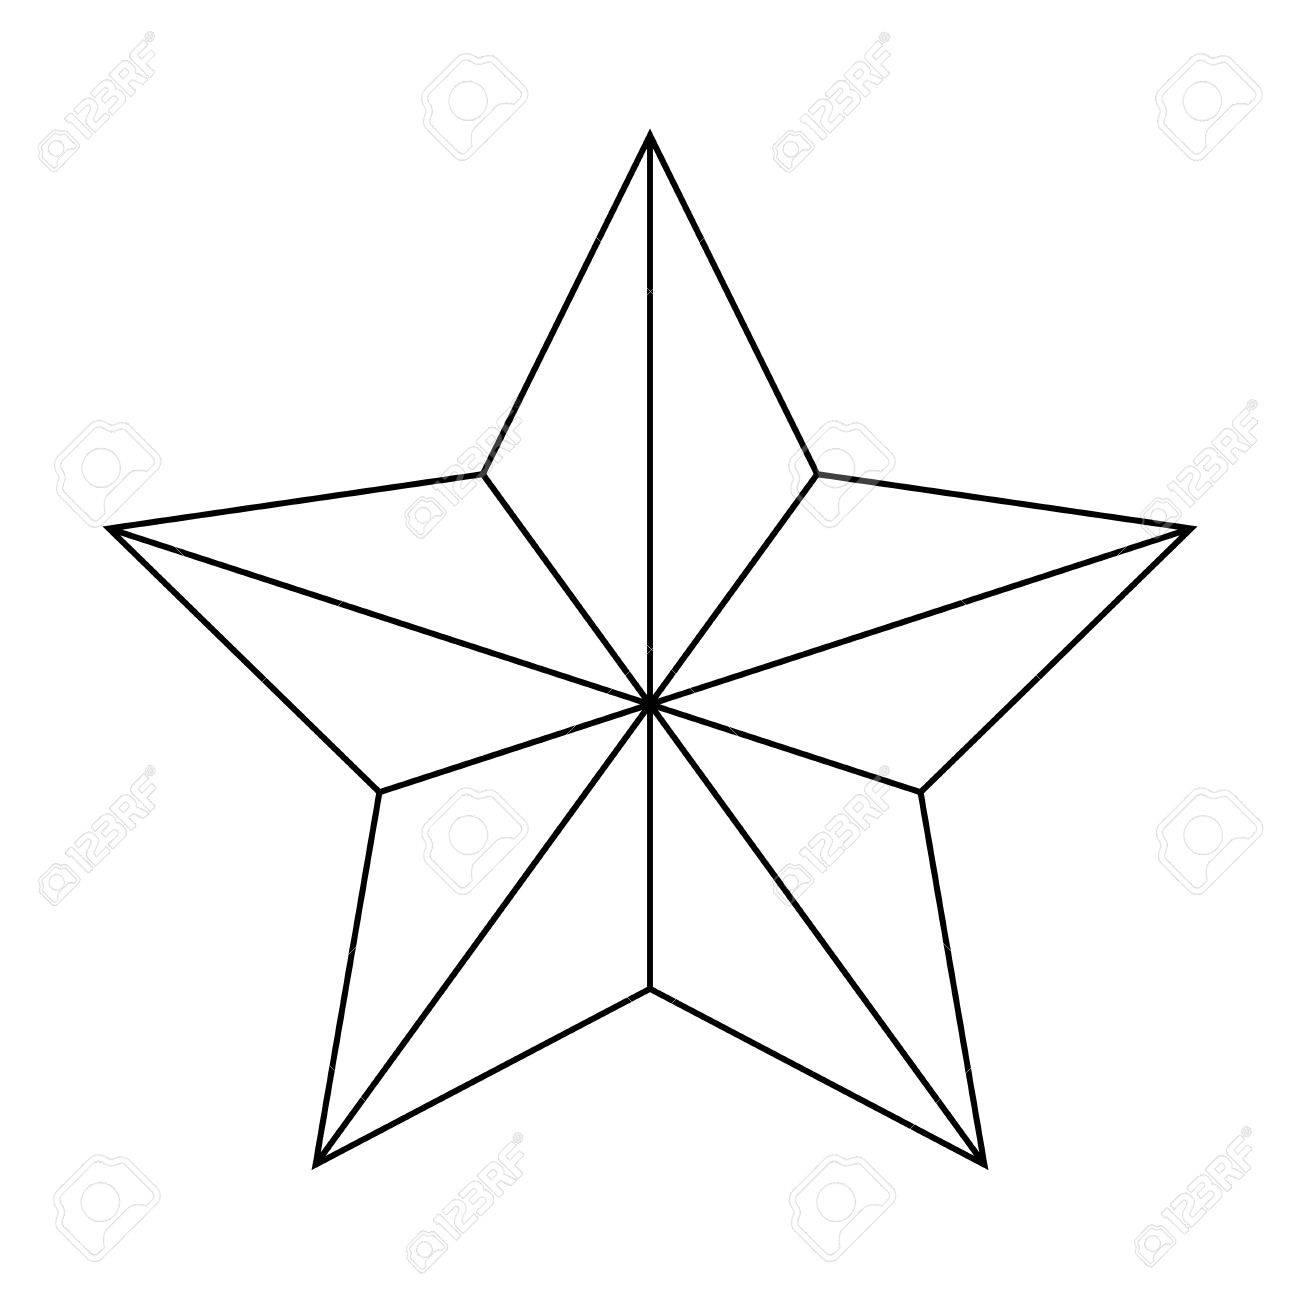 Weihnachtsstern Von Bethlehem Silhouette Vektor-Symbol, Symbol ...